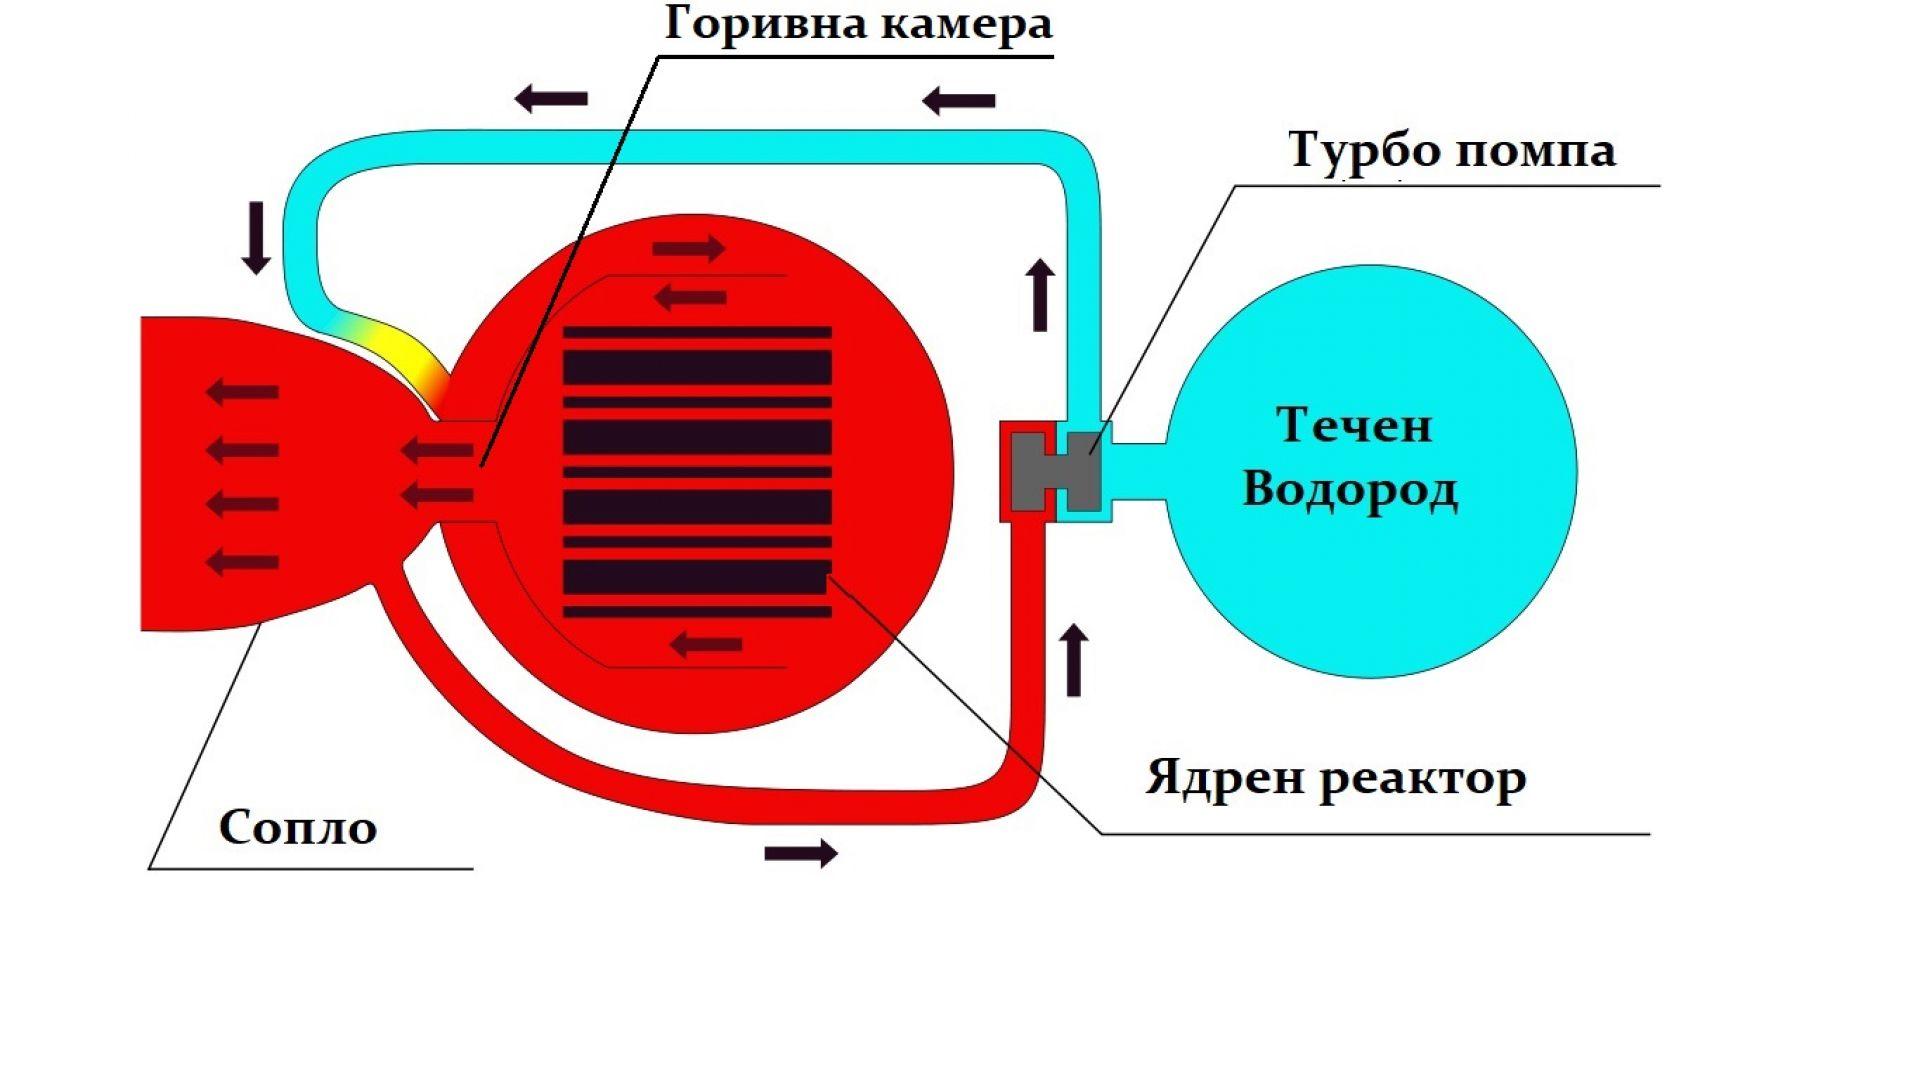 Опростена схема на ядрен ракетен двигател